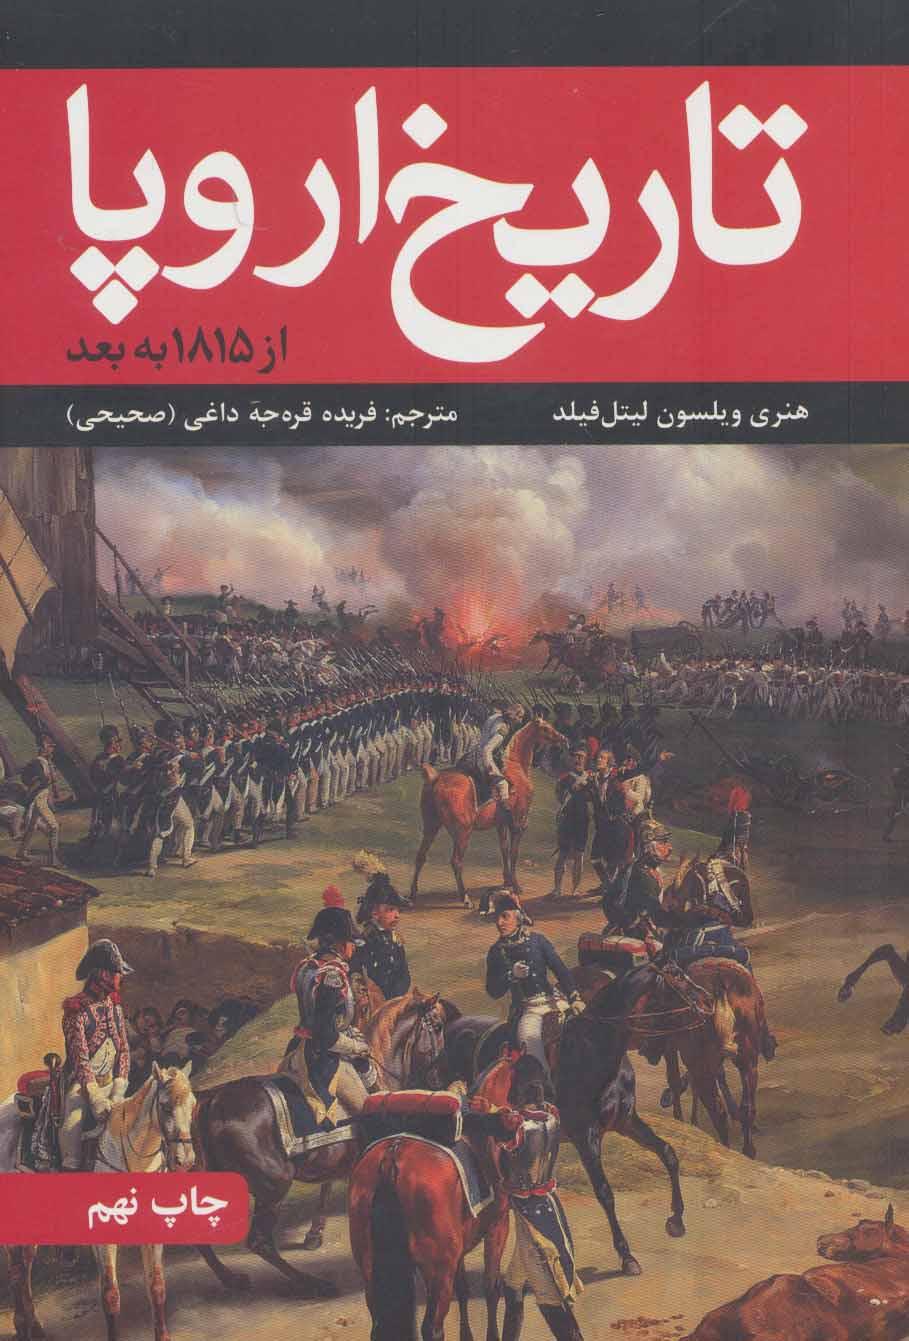 کتاب تاریخ اروپا از ۱۸۱۵ - ۱۹۶۱